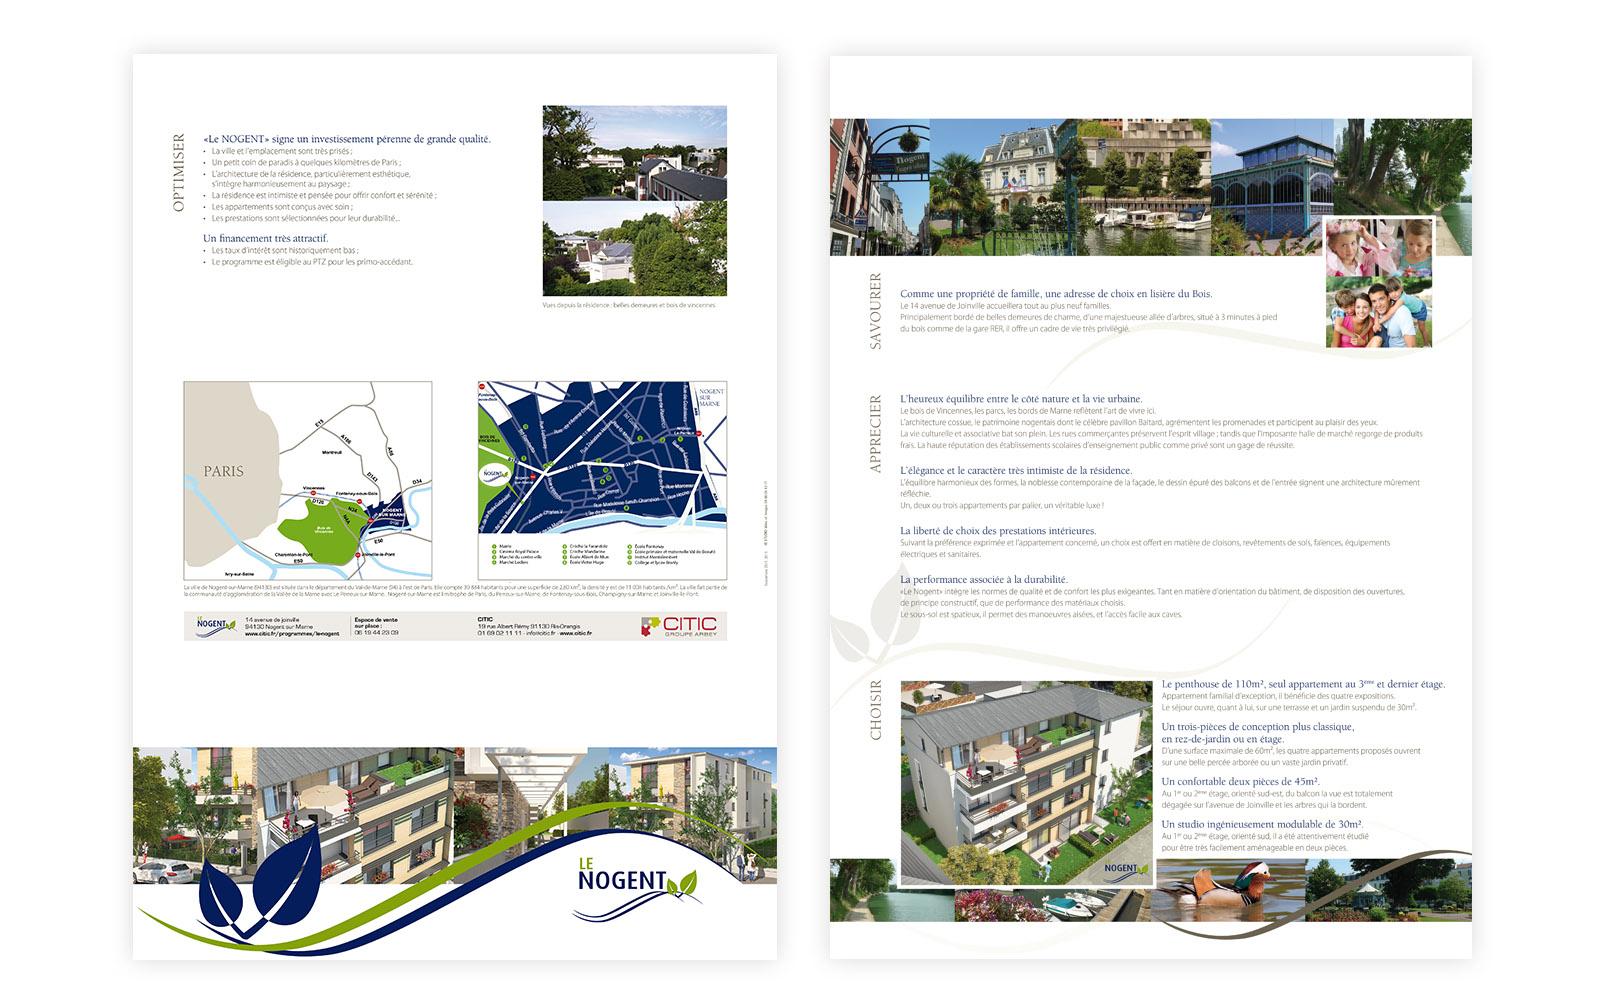 Citic-programme immobilier le Nogent